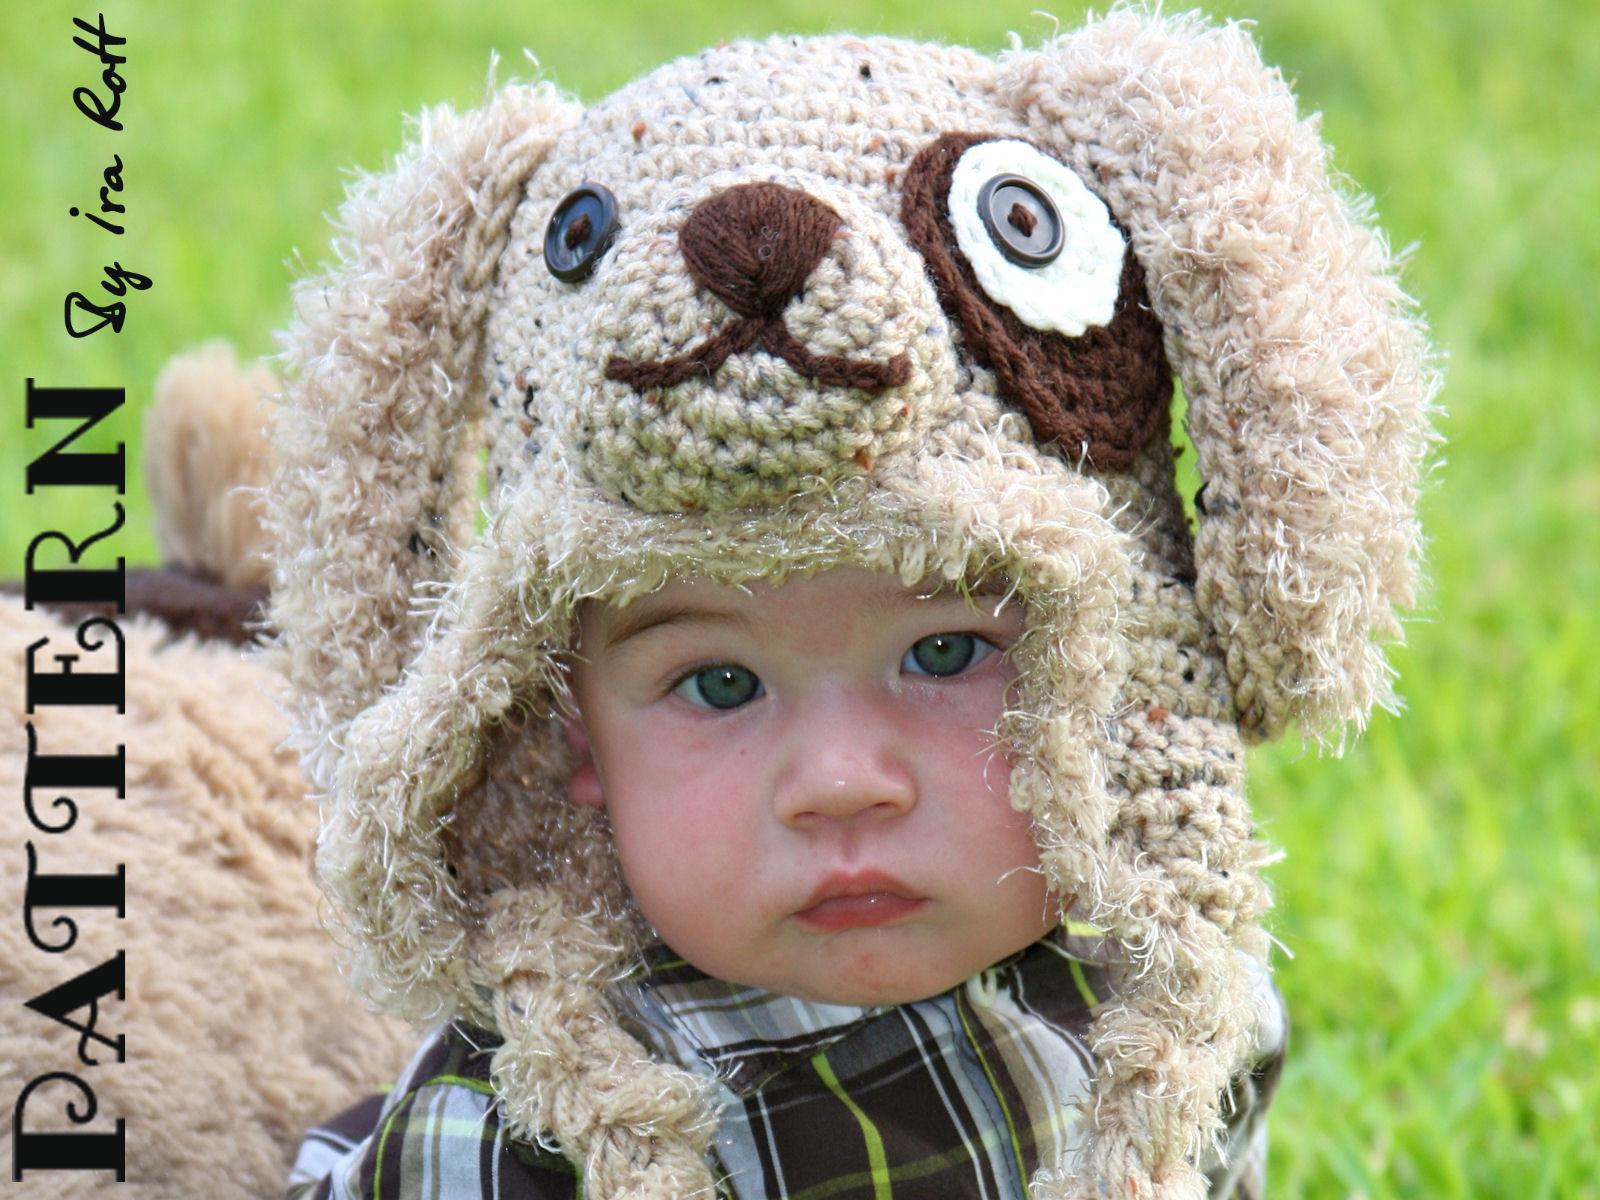 Fashion crochet design by ira rott pattern grommet puppy hat pattern grommet puppy hat crochet pdf pattern bankloansurffo Gallery